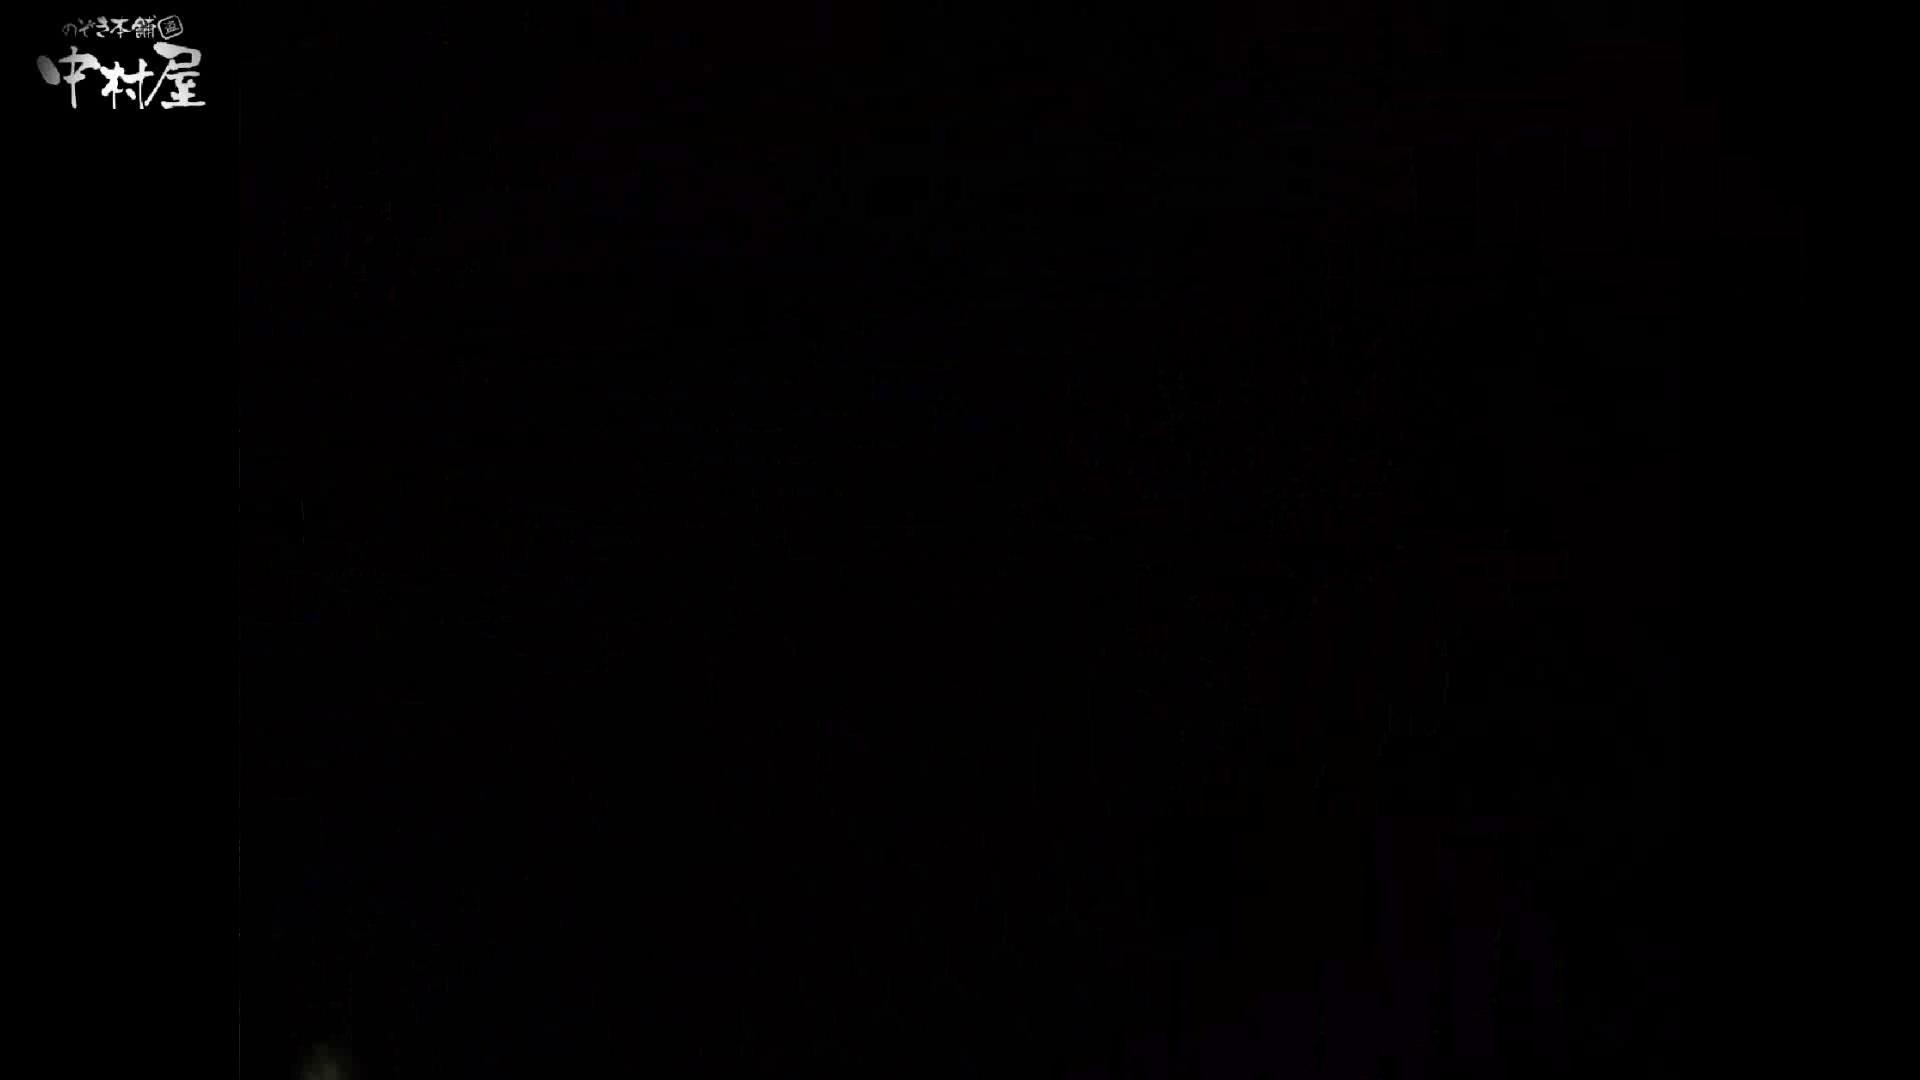 民家風呂専門盗撮師の超危険映像 vol.018 美少女丸裸 セックス画像 85pic 5